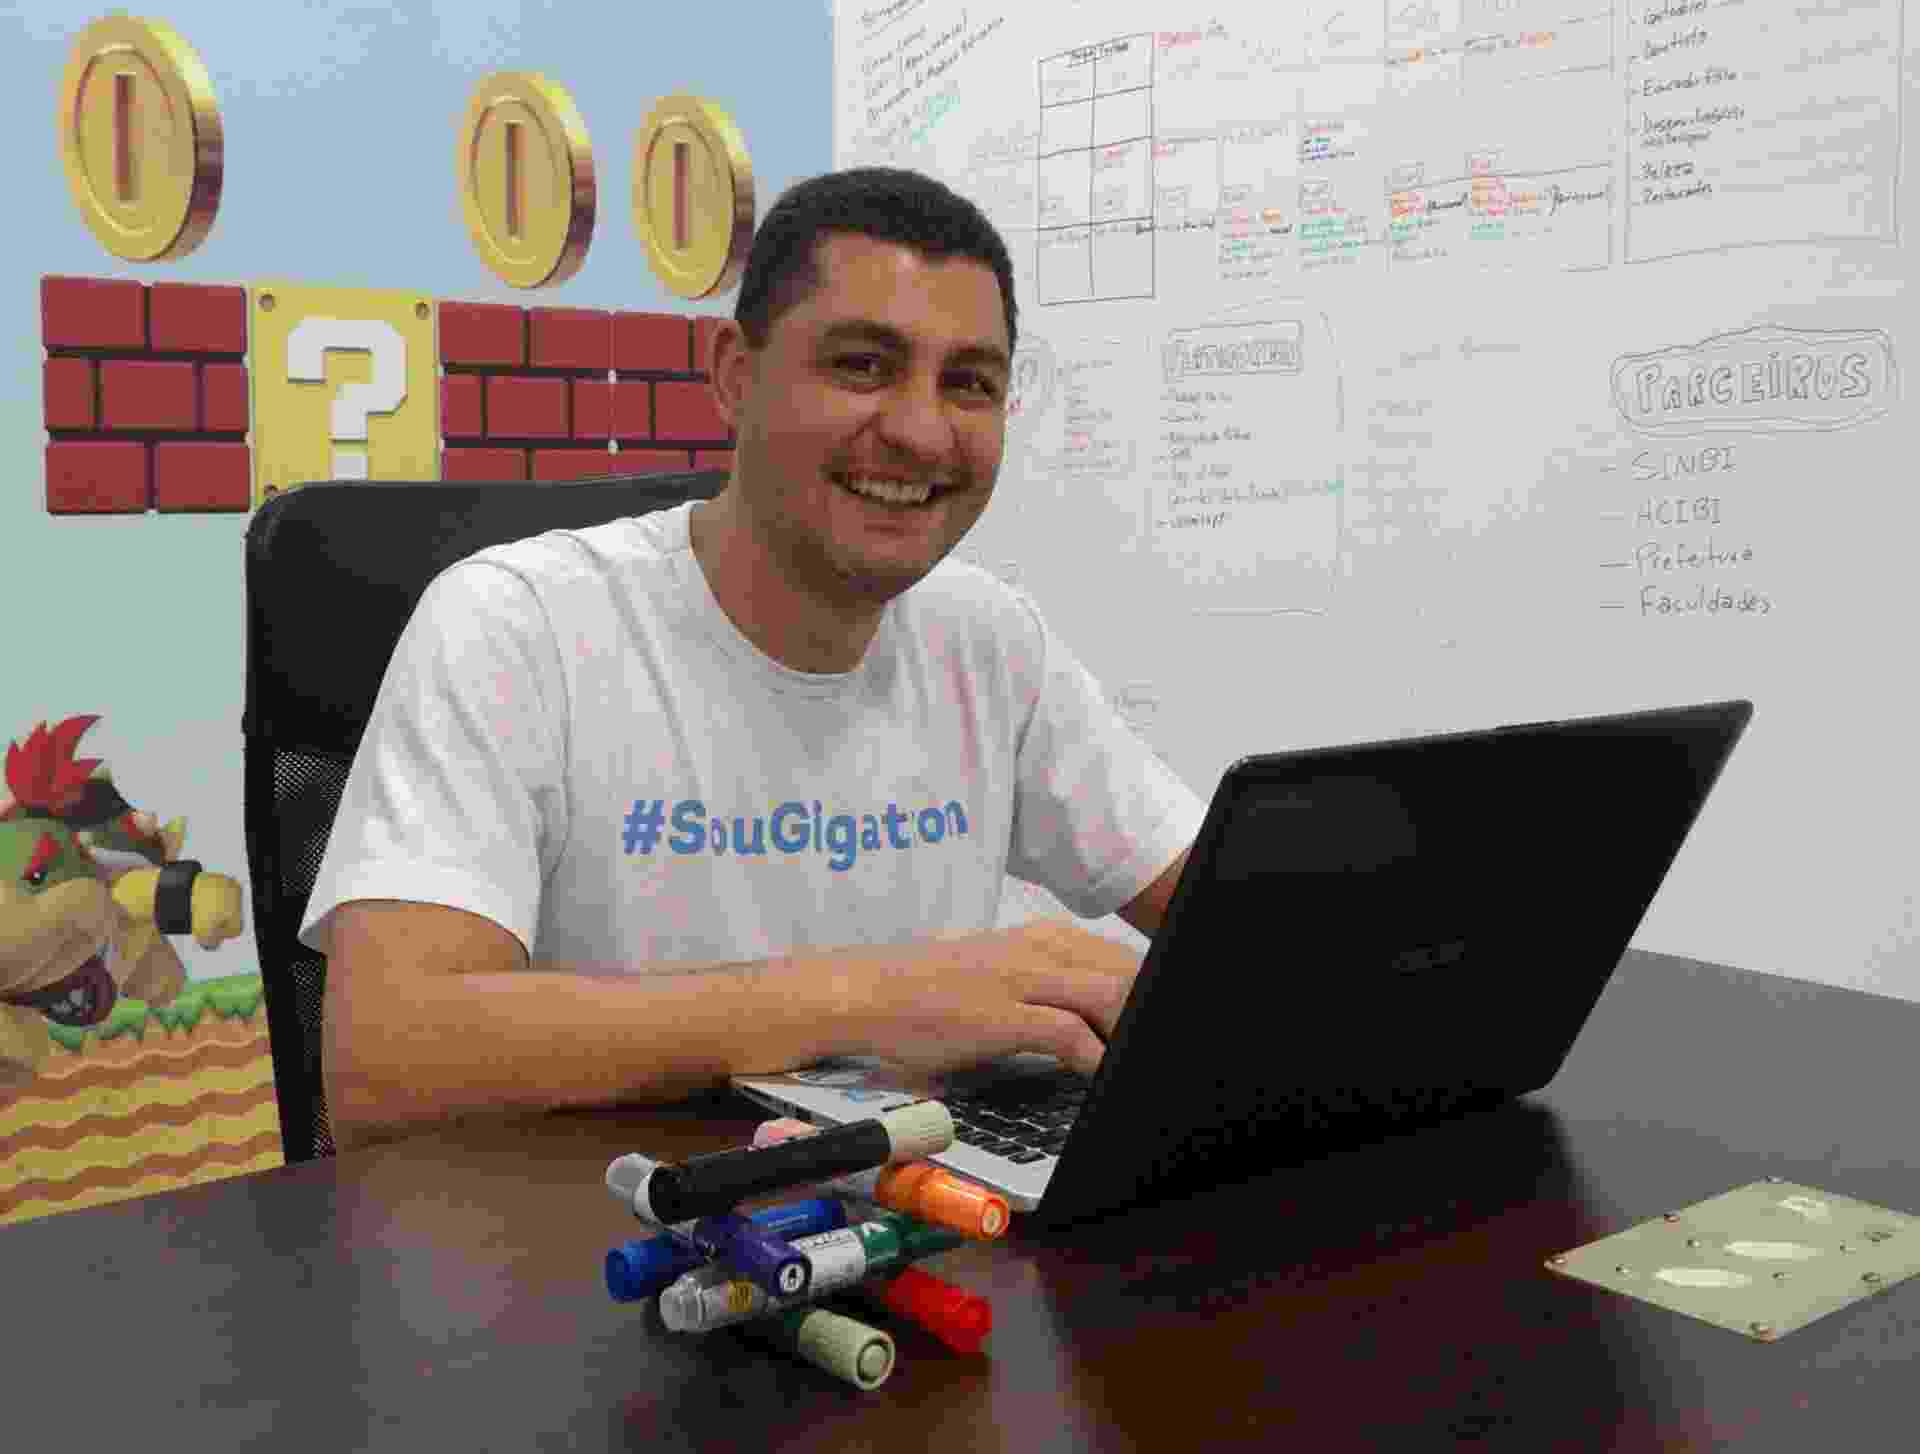 Marcelo Salomão é dono da franquia Gigatron, que desenvolve softwares para o varejo e prestadores de serviços e emite certificados digitais - Divulgação